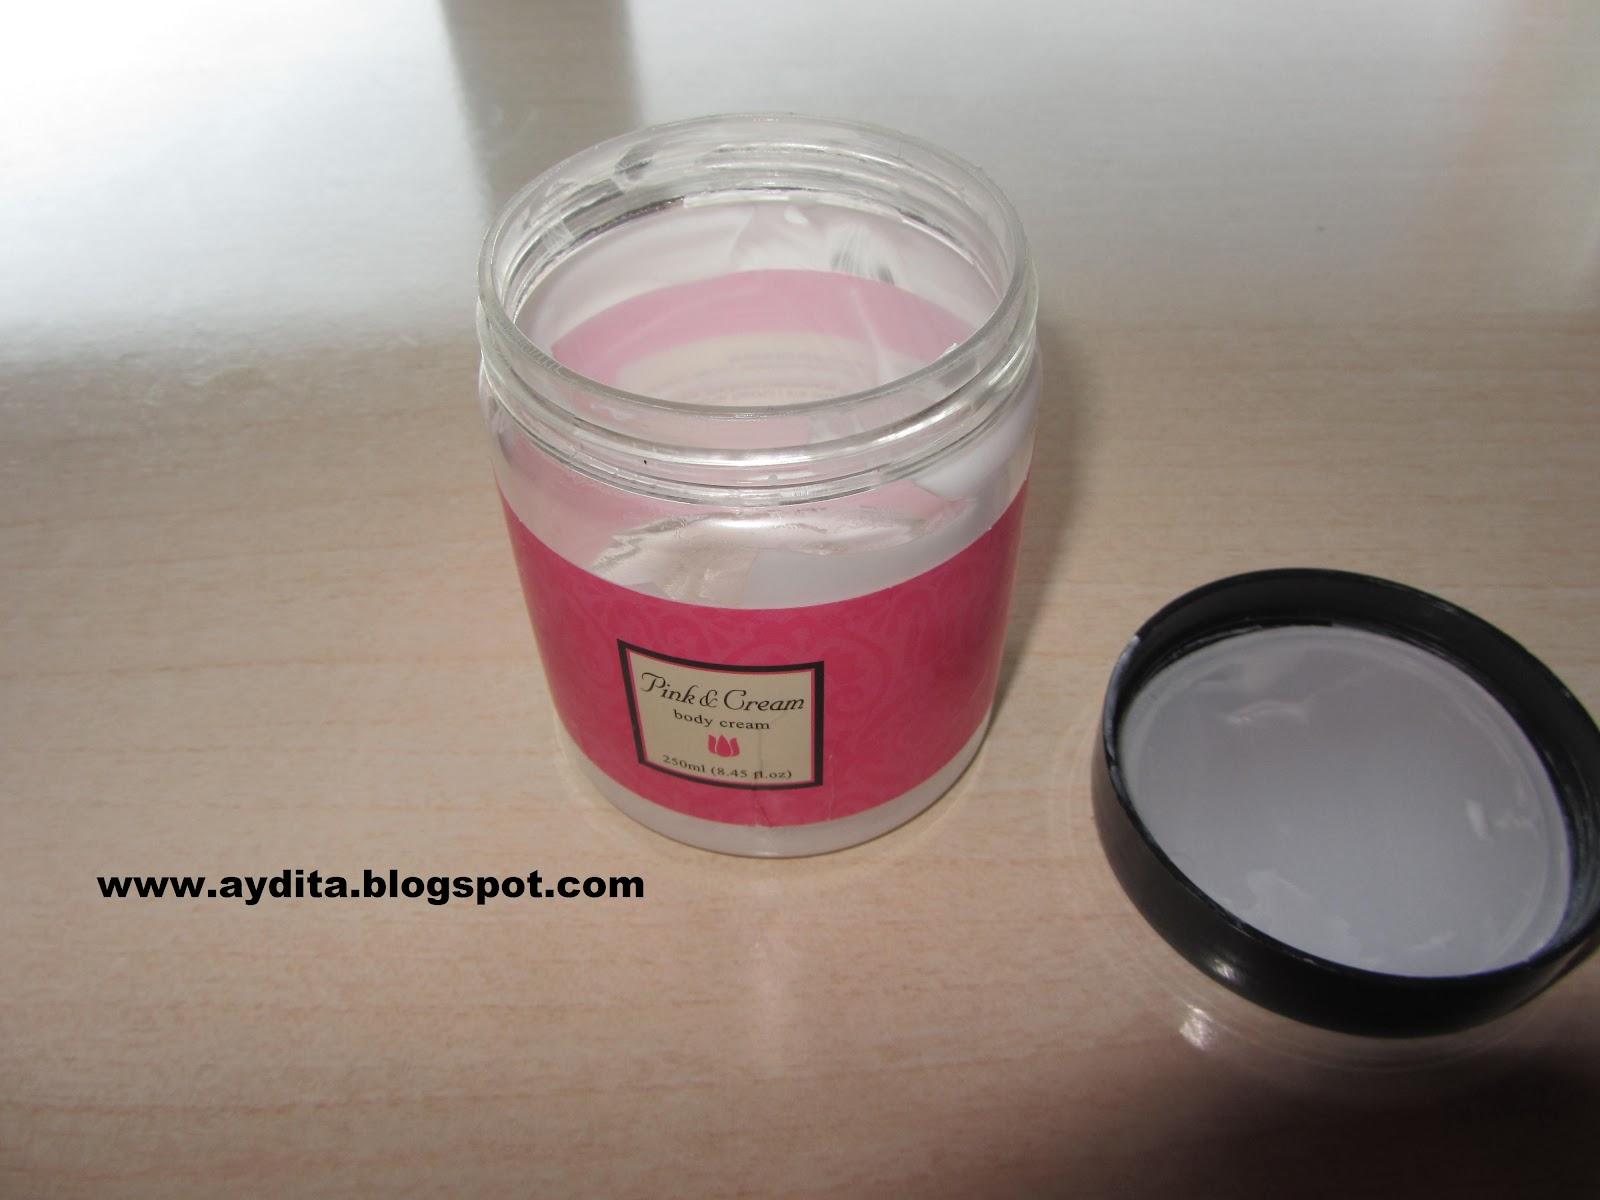 Set De Baño Bodybell: http://ayditablogspotcomes/2012/04/set-de-bano-pink-creamhtml